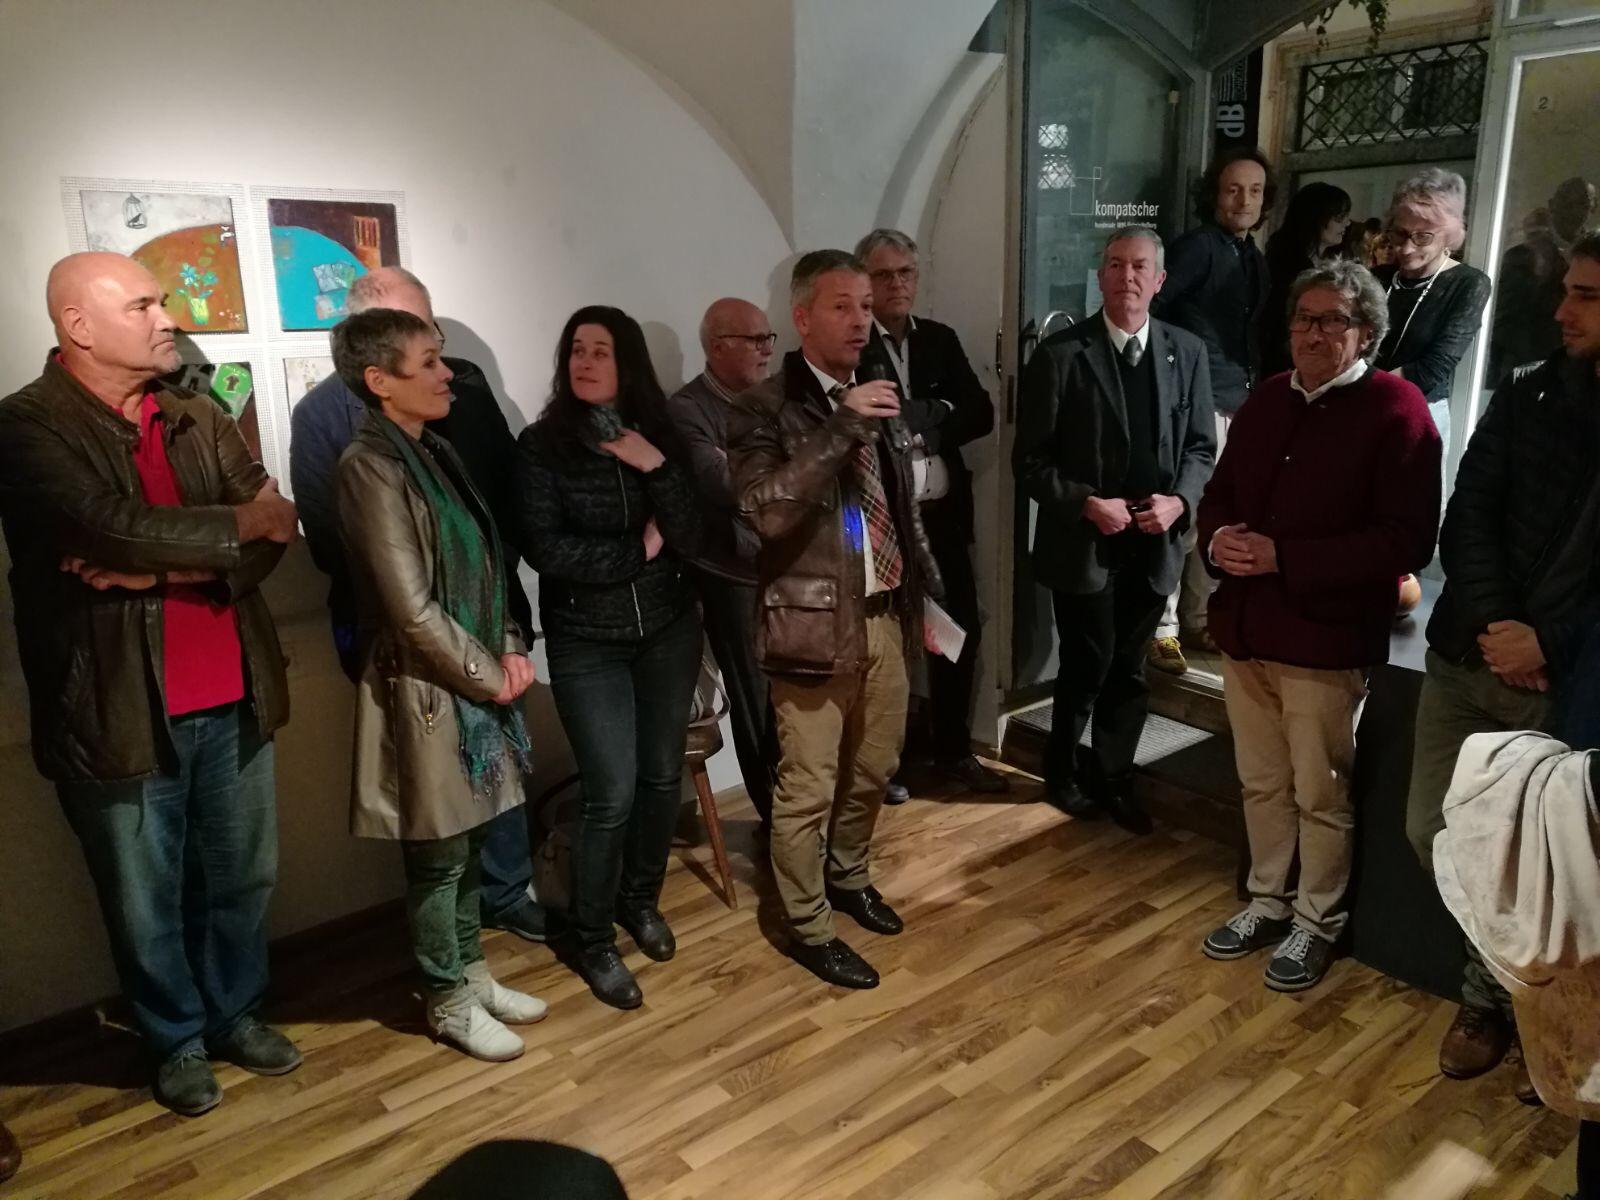 Don Paolo Renner, Bürgermeister Peter Brunner, Willy Vontavon, Claudio Olivotto, Karolina Gacke